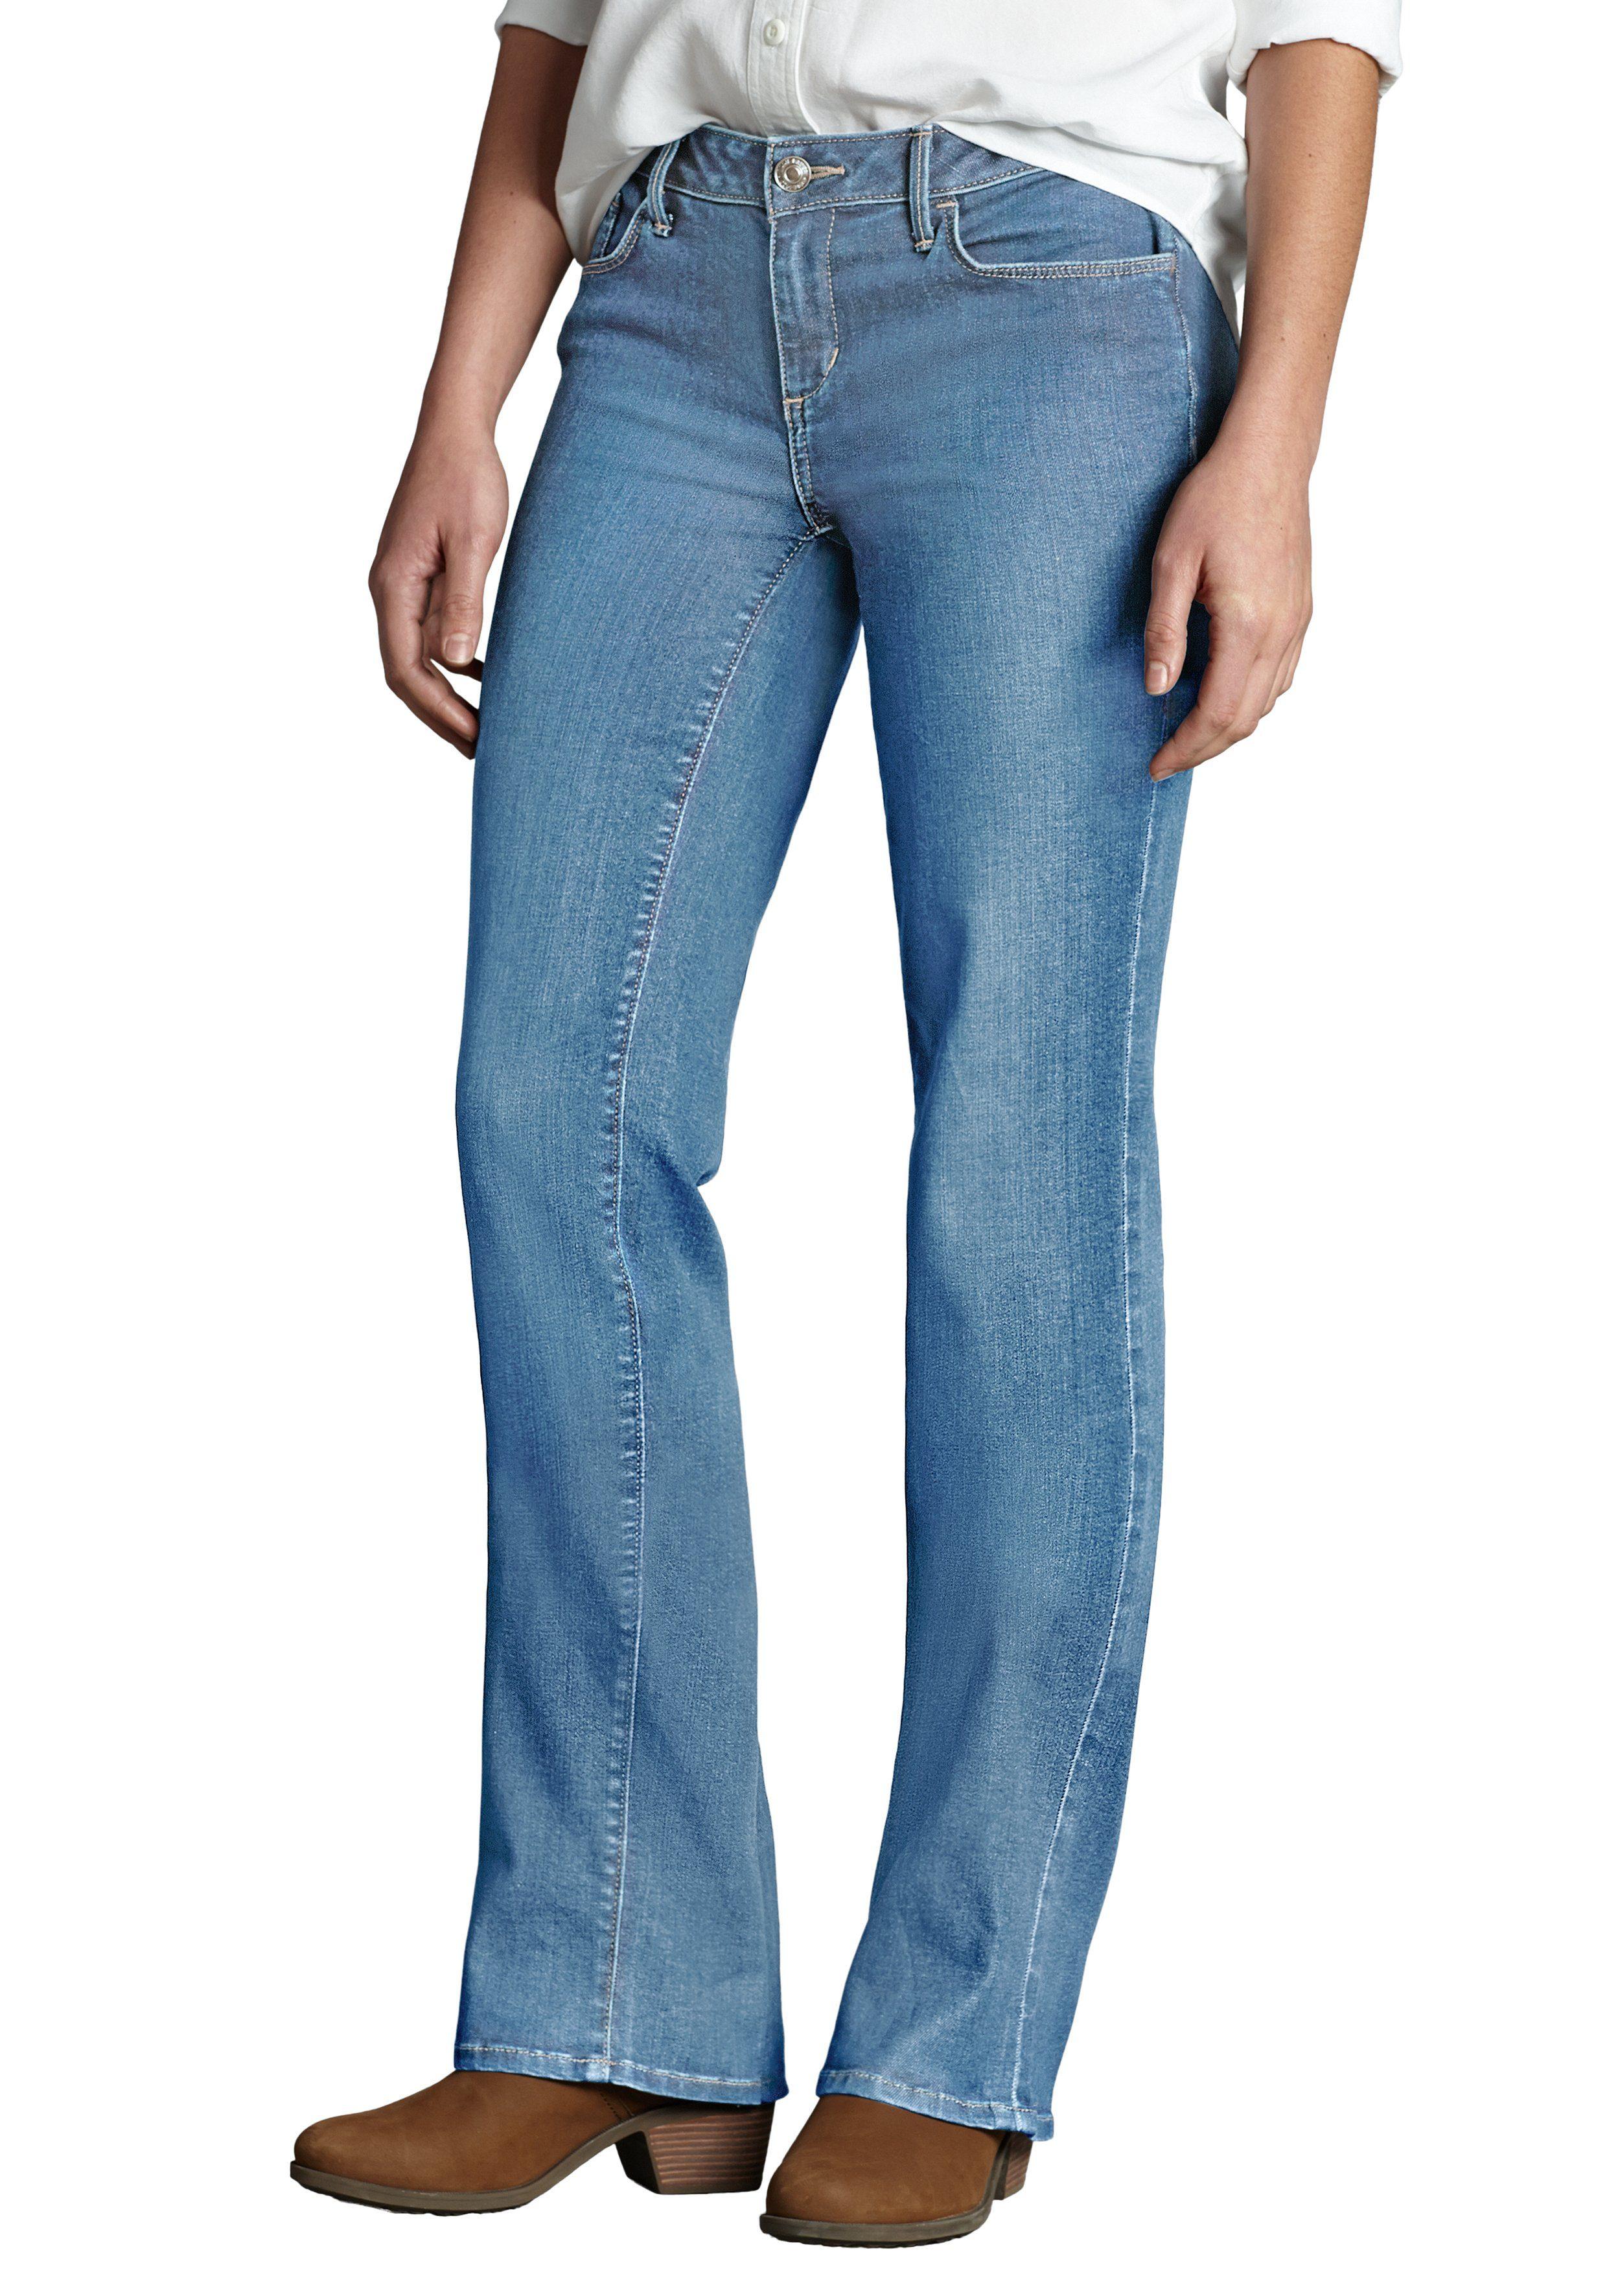 Eddie Bauer Bootcut Jeans